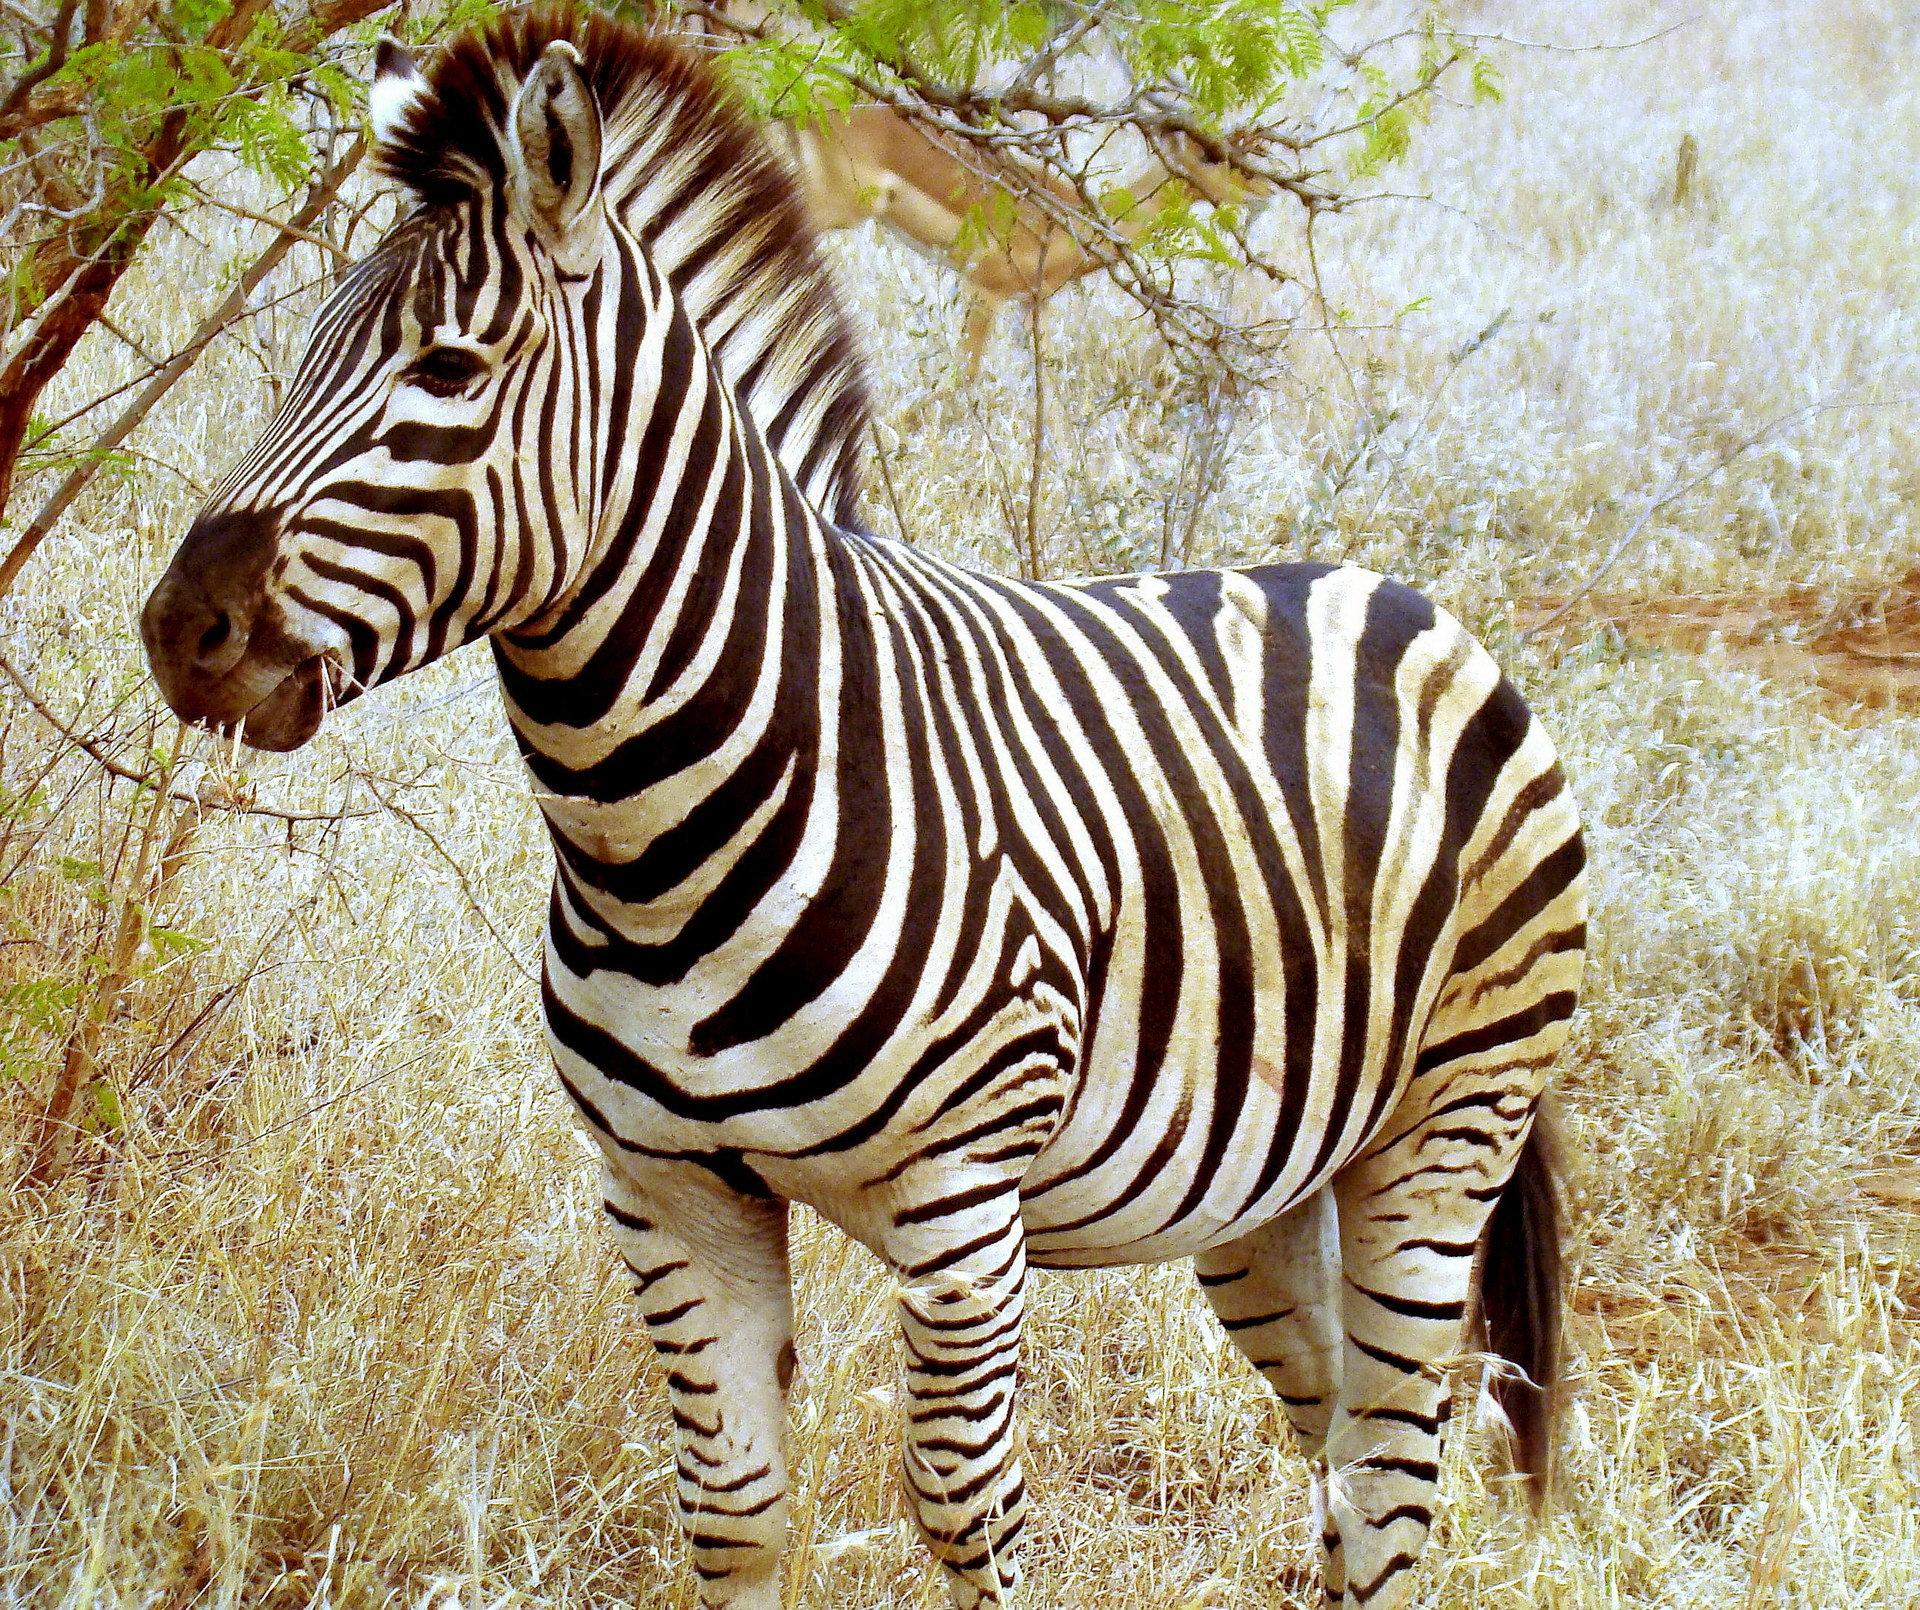 Zebra Wallpaper For Laptop